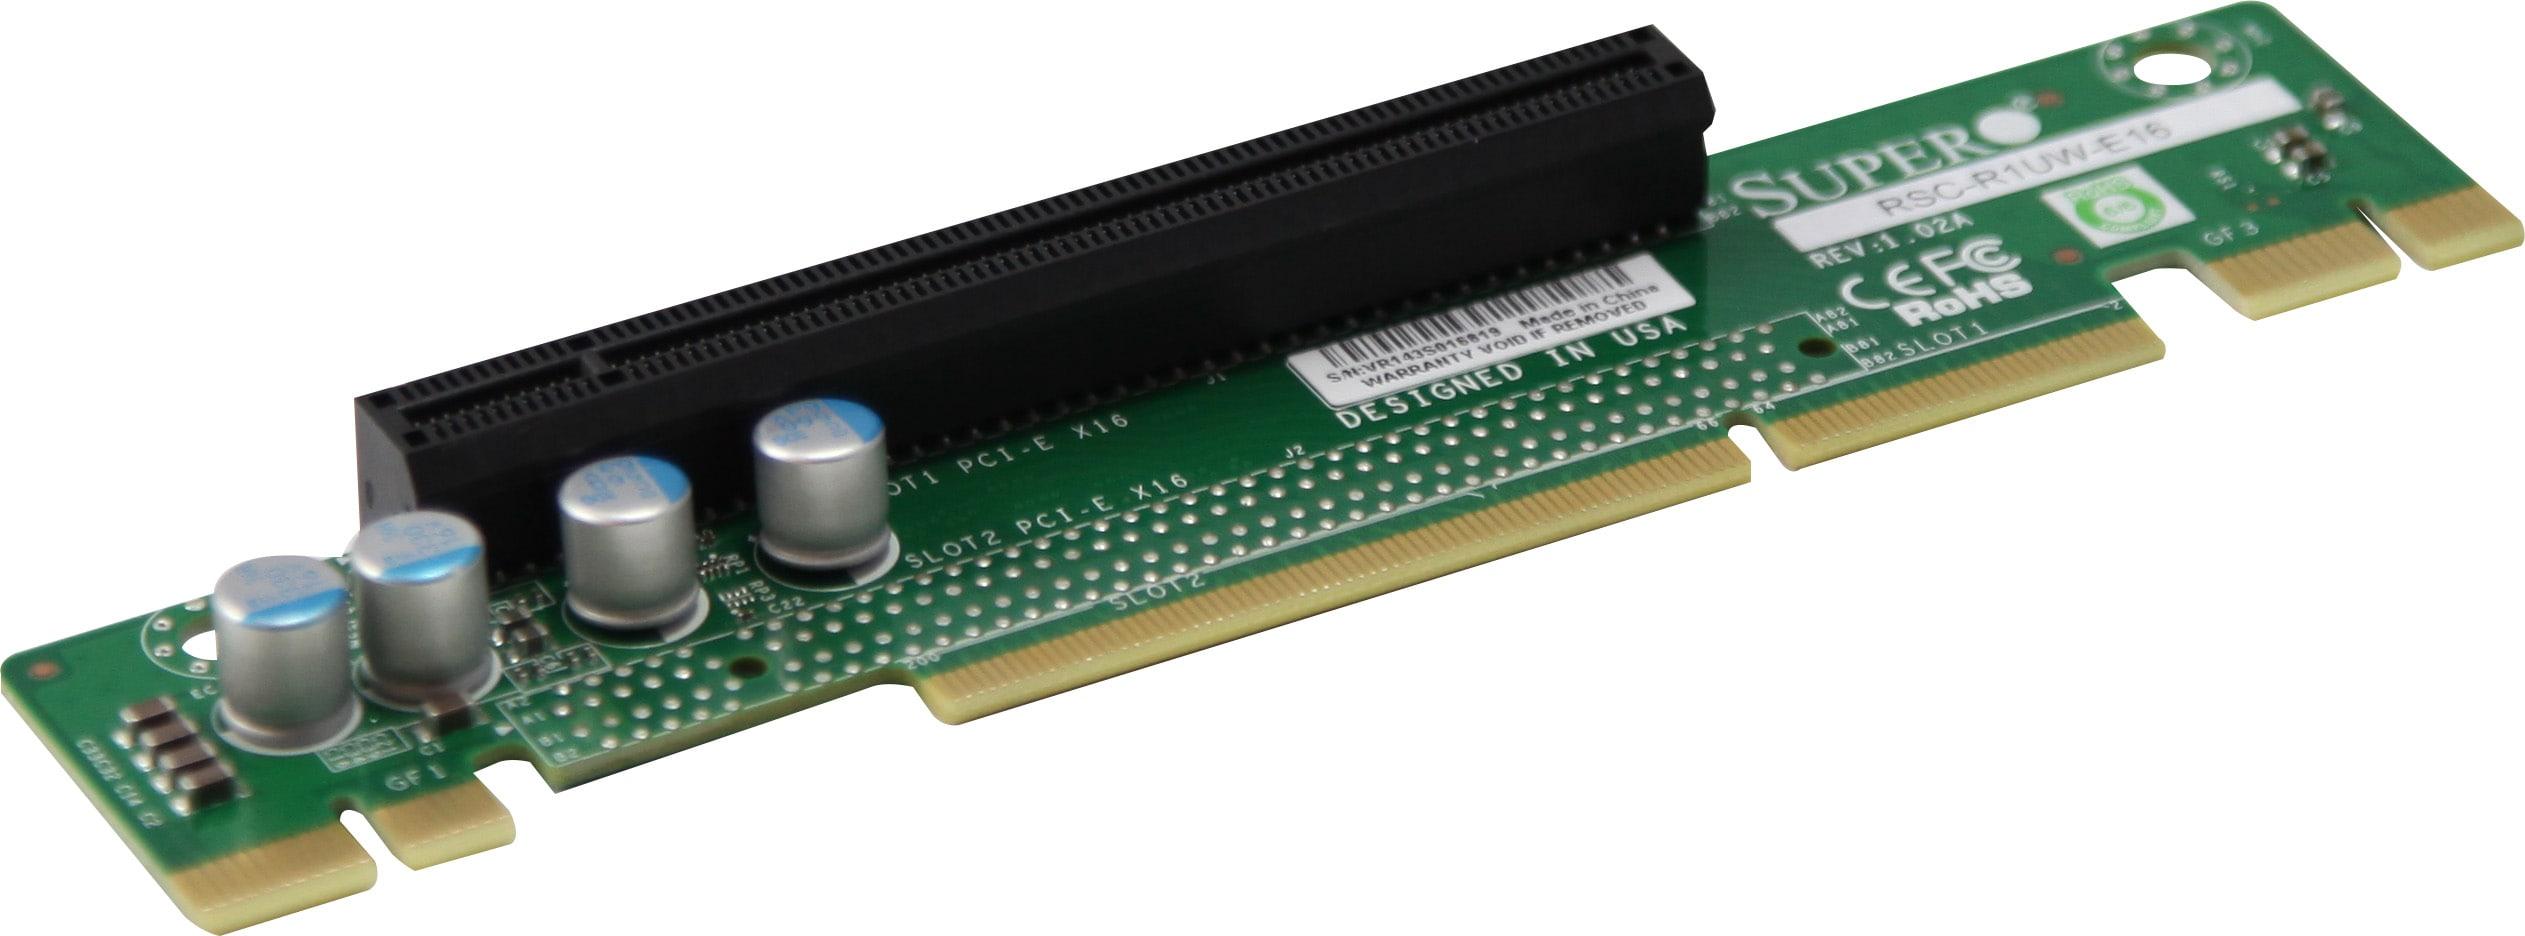 Zdjecie - RSC-R1UW-E16 - Supermicro